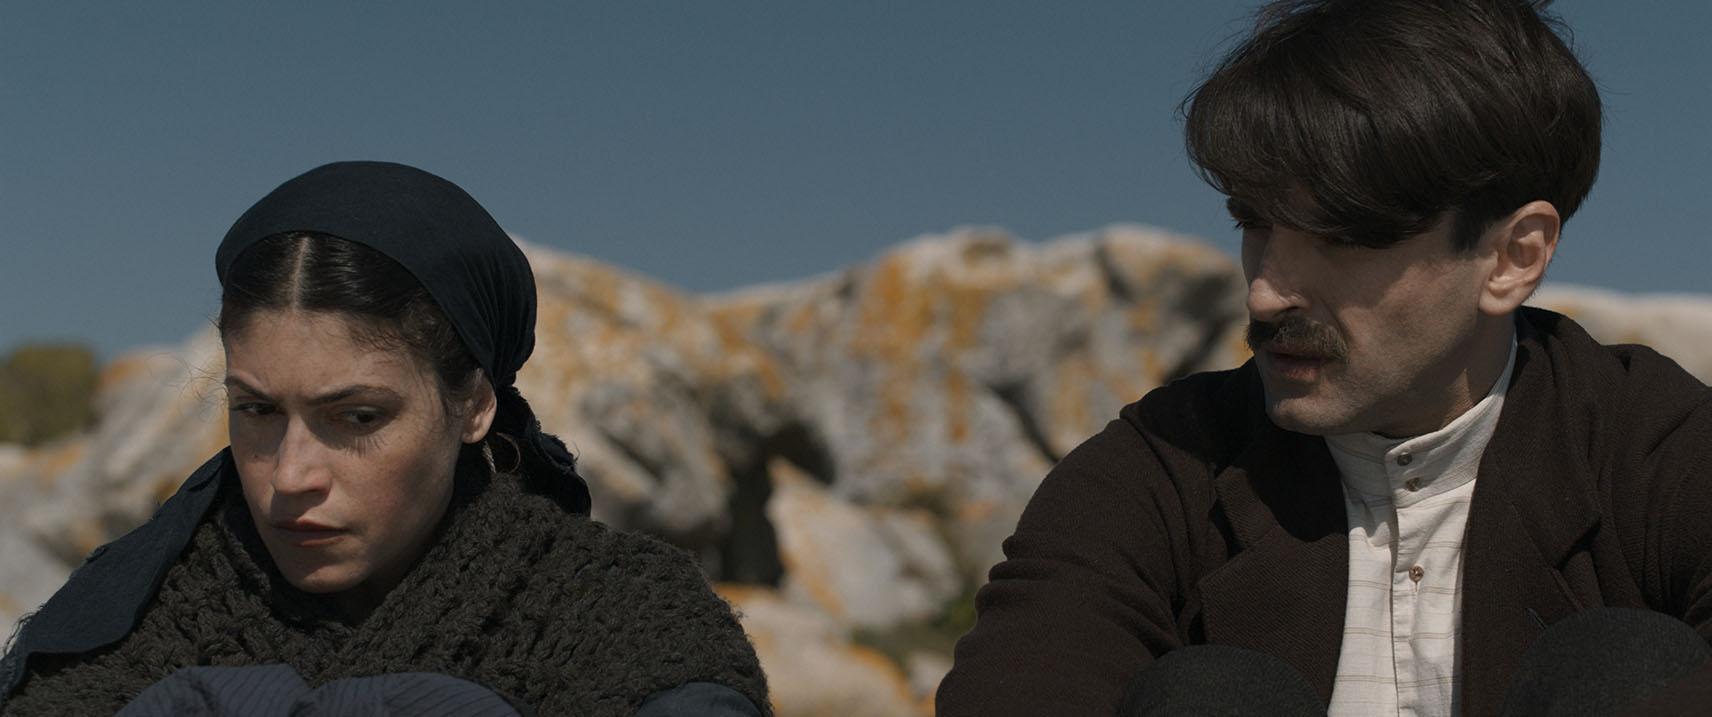 La isla de las mentiras, de Paula Cons, se estrena en Filmin nerea barros